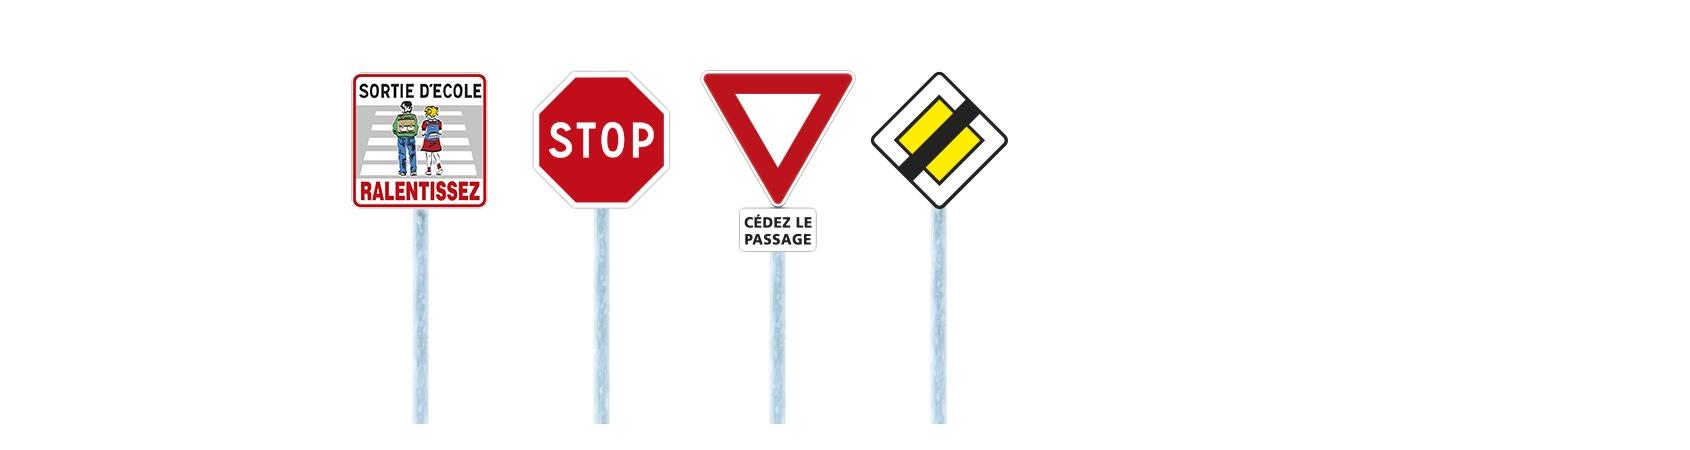 Sécurité maximale panneaux de route signalisation Ecoles